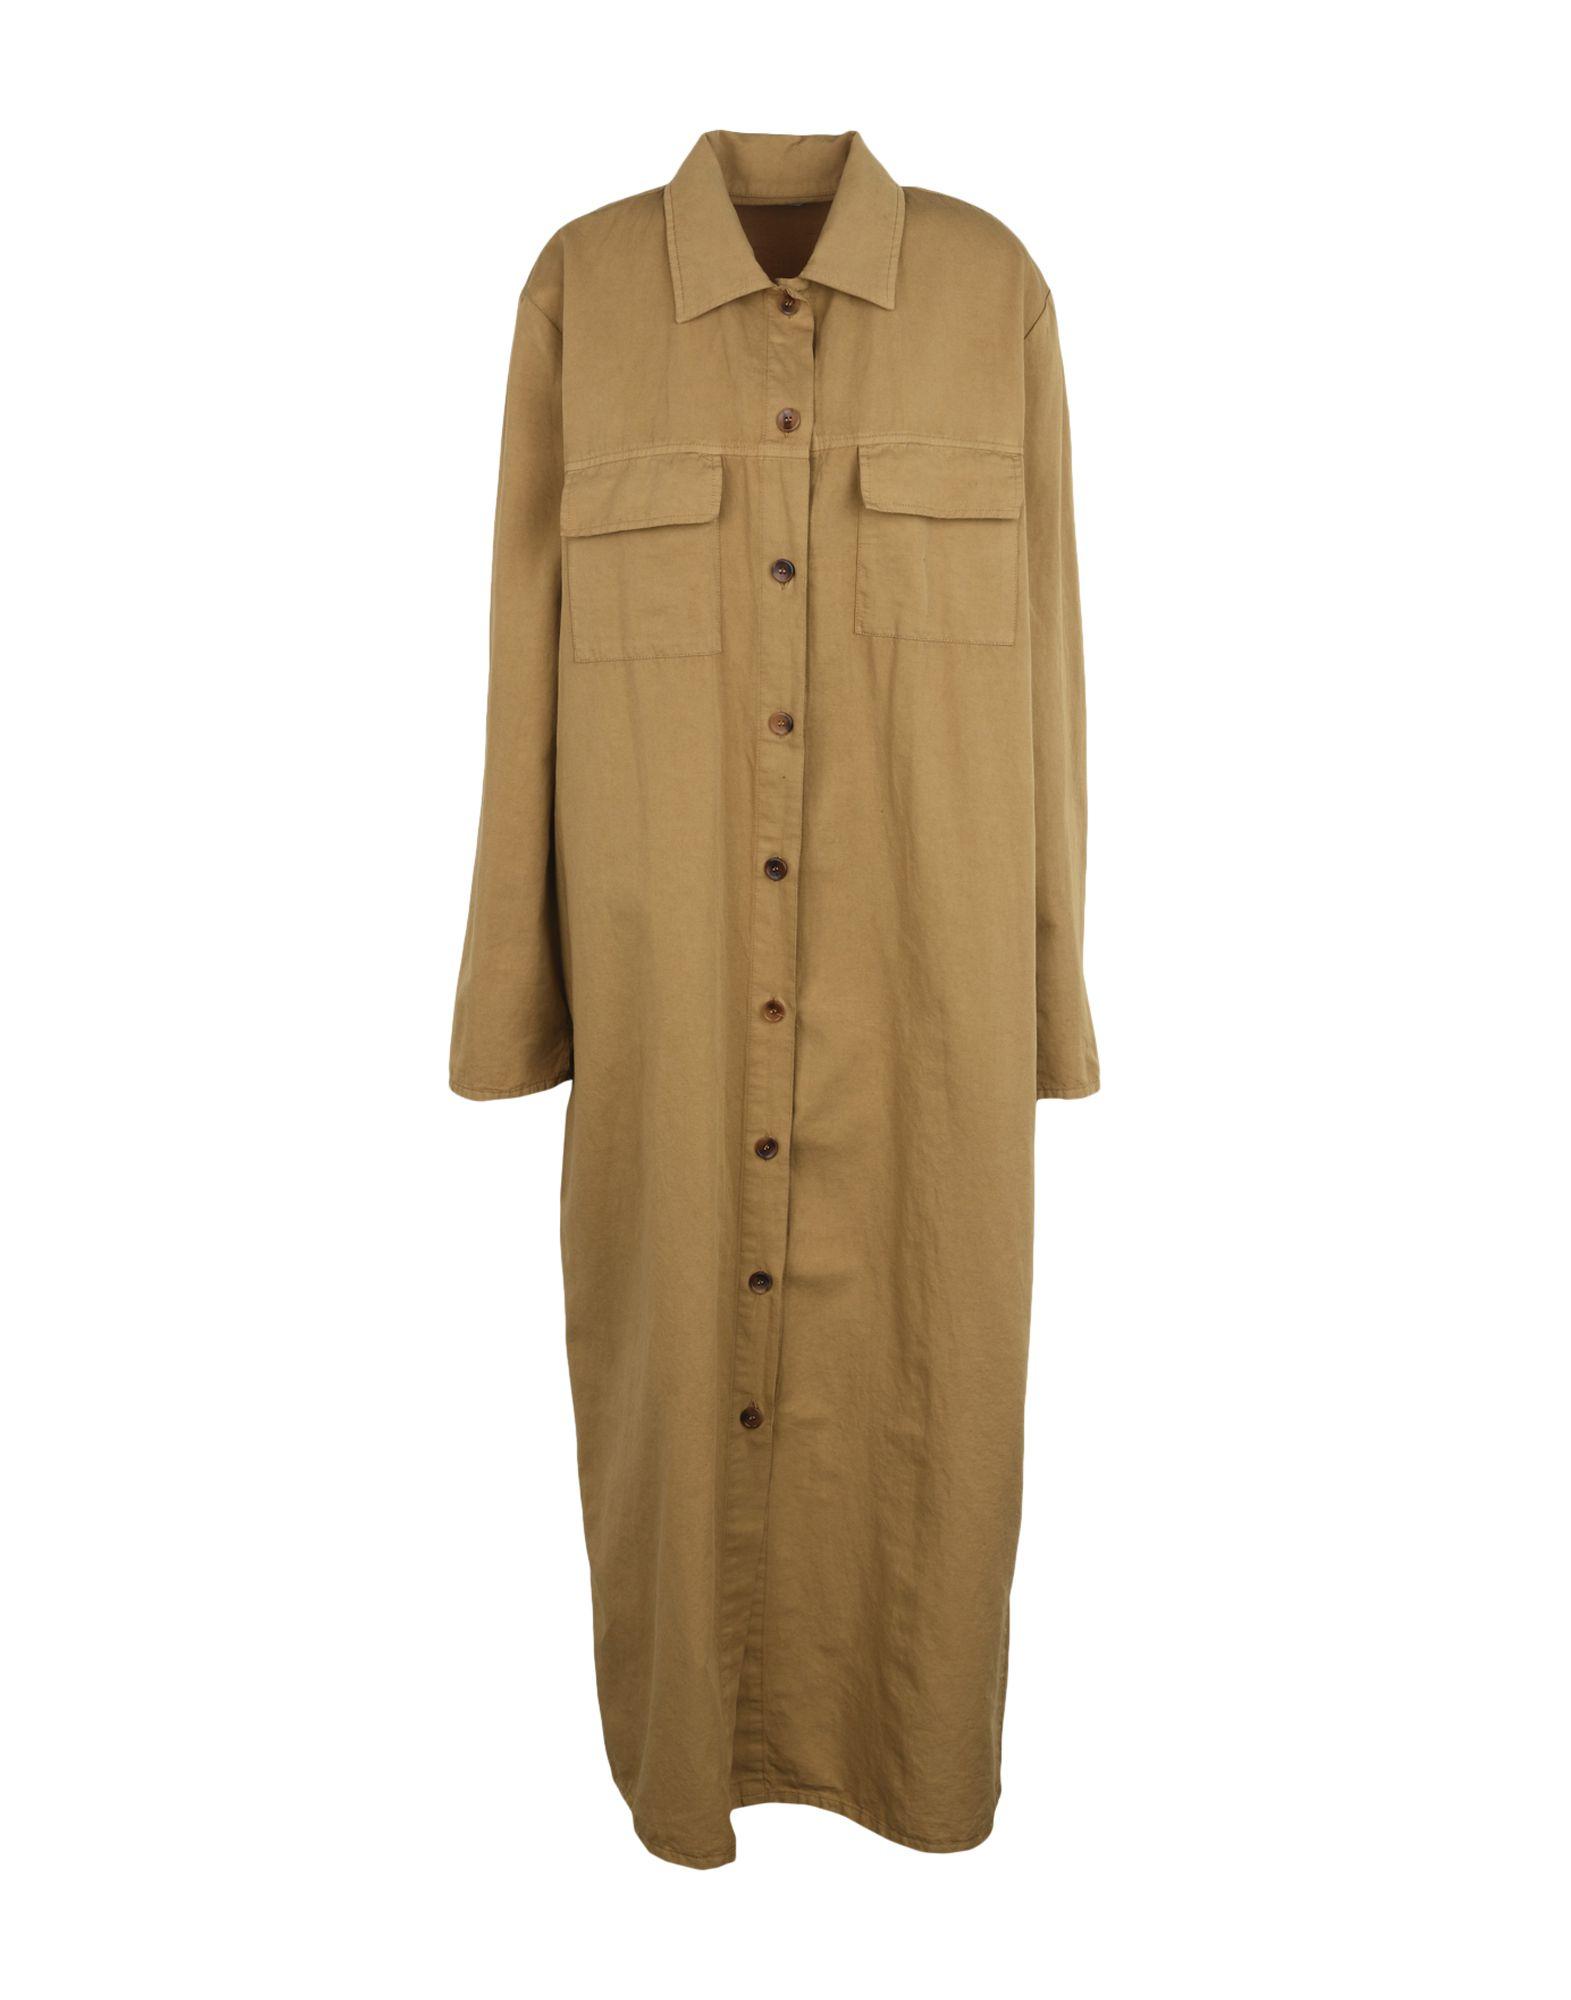 Robe En ChemiseAcheter Femmes À Ligne tessa kPnw8O0